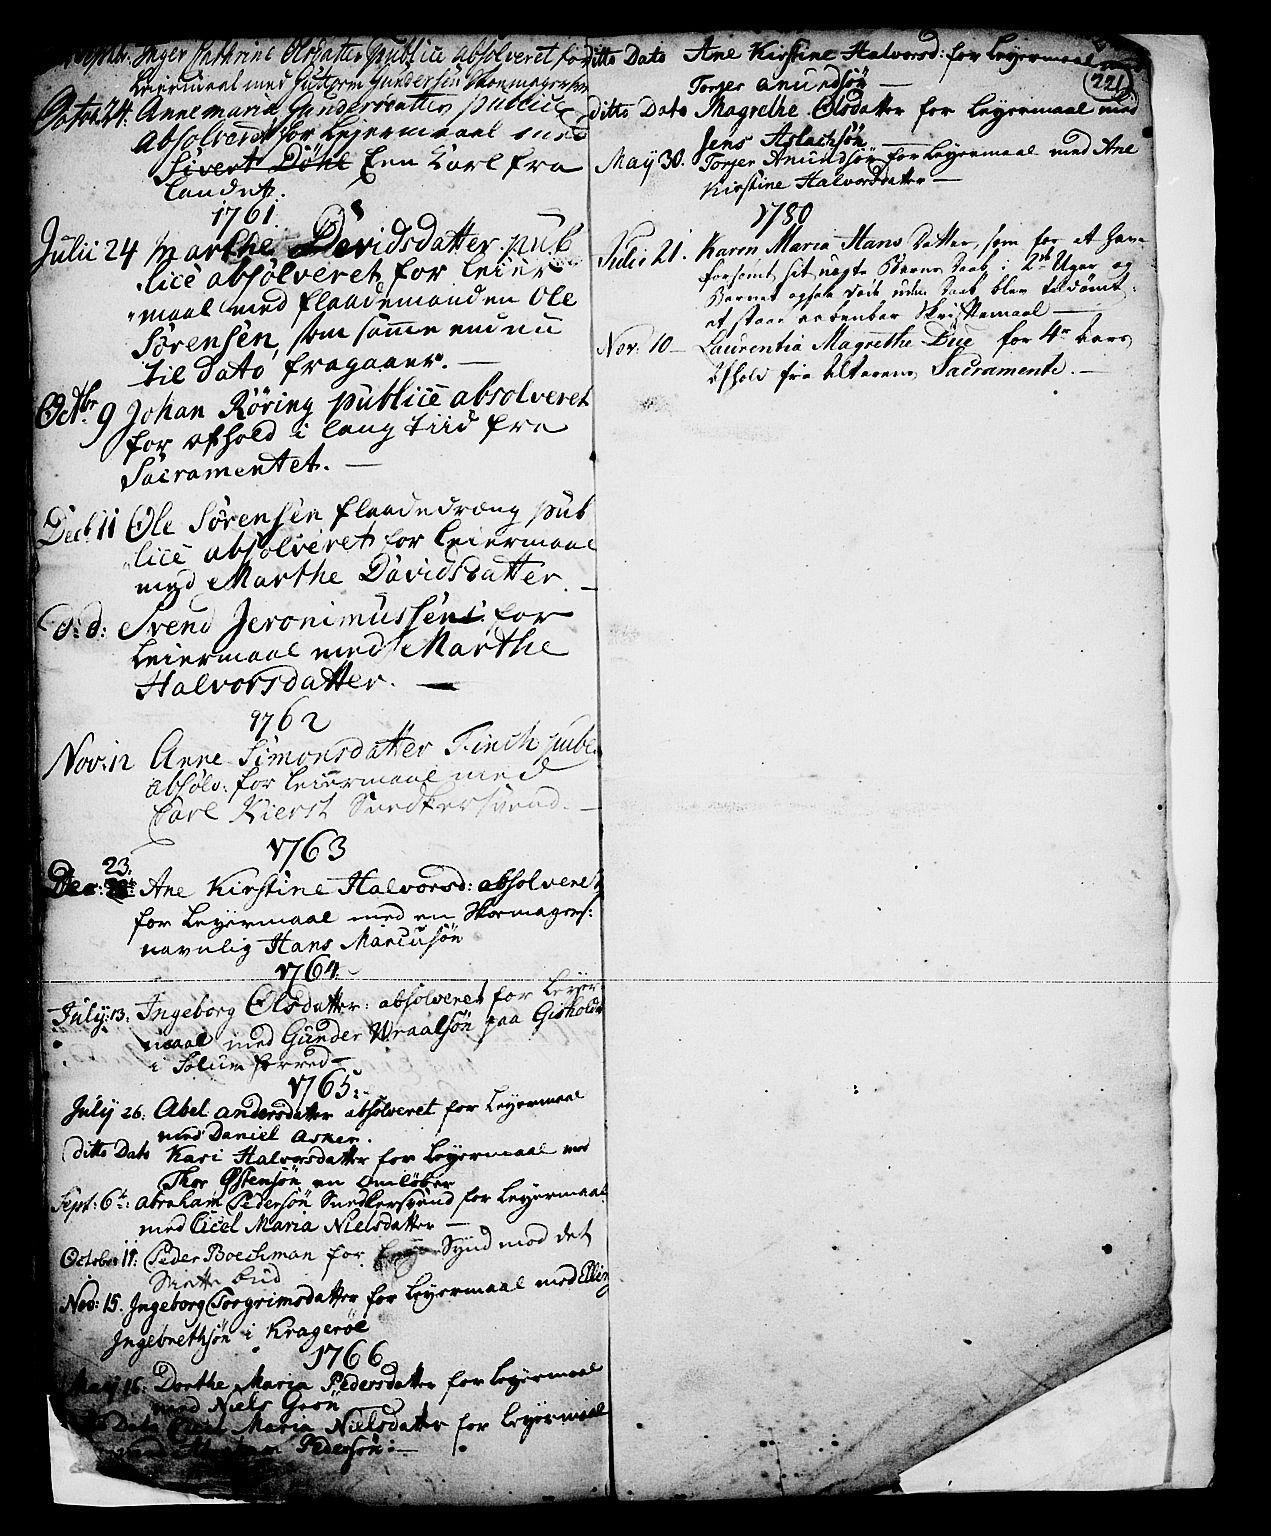 SAKO, Skien kirkebøker, G/Ga/L0001: Klokkerbok nr. 1, 1756-1791, s. 221